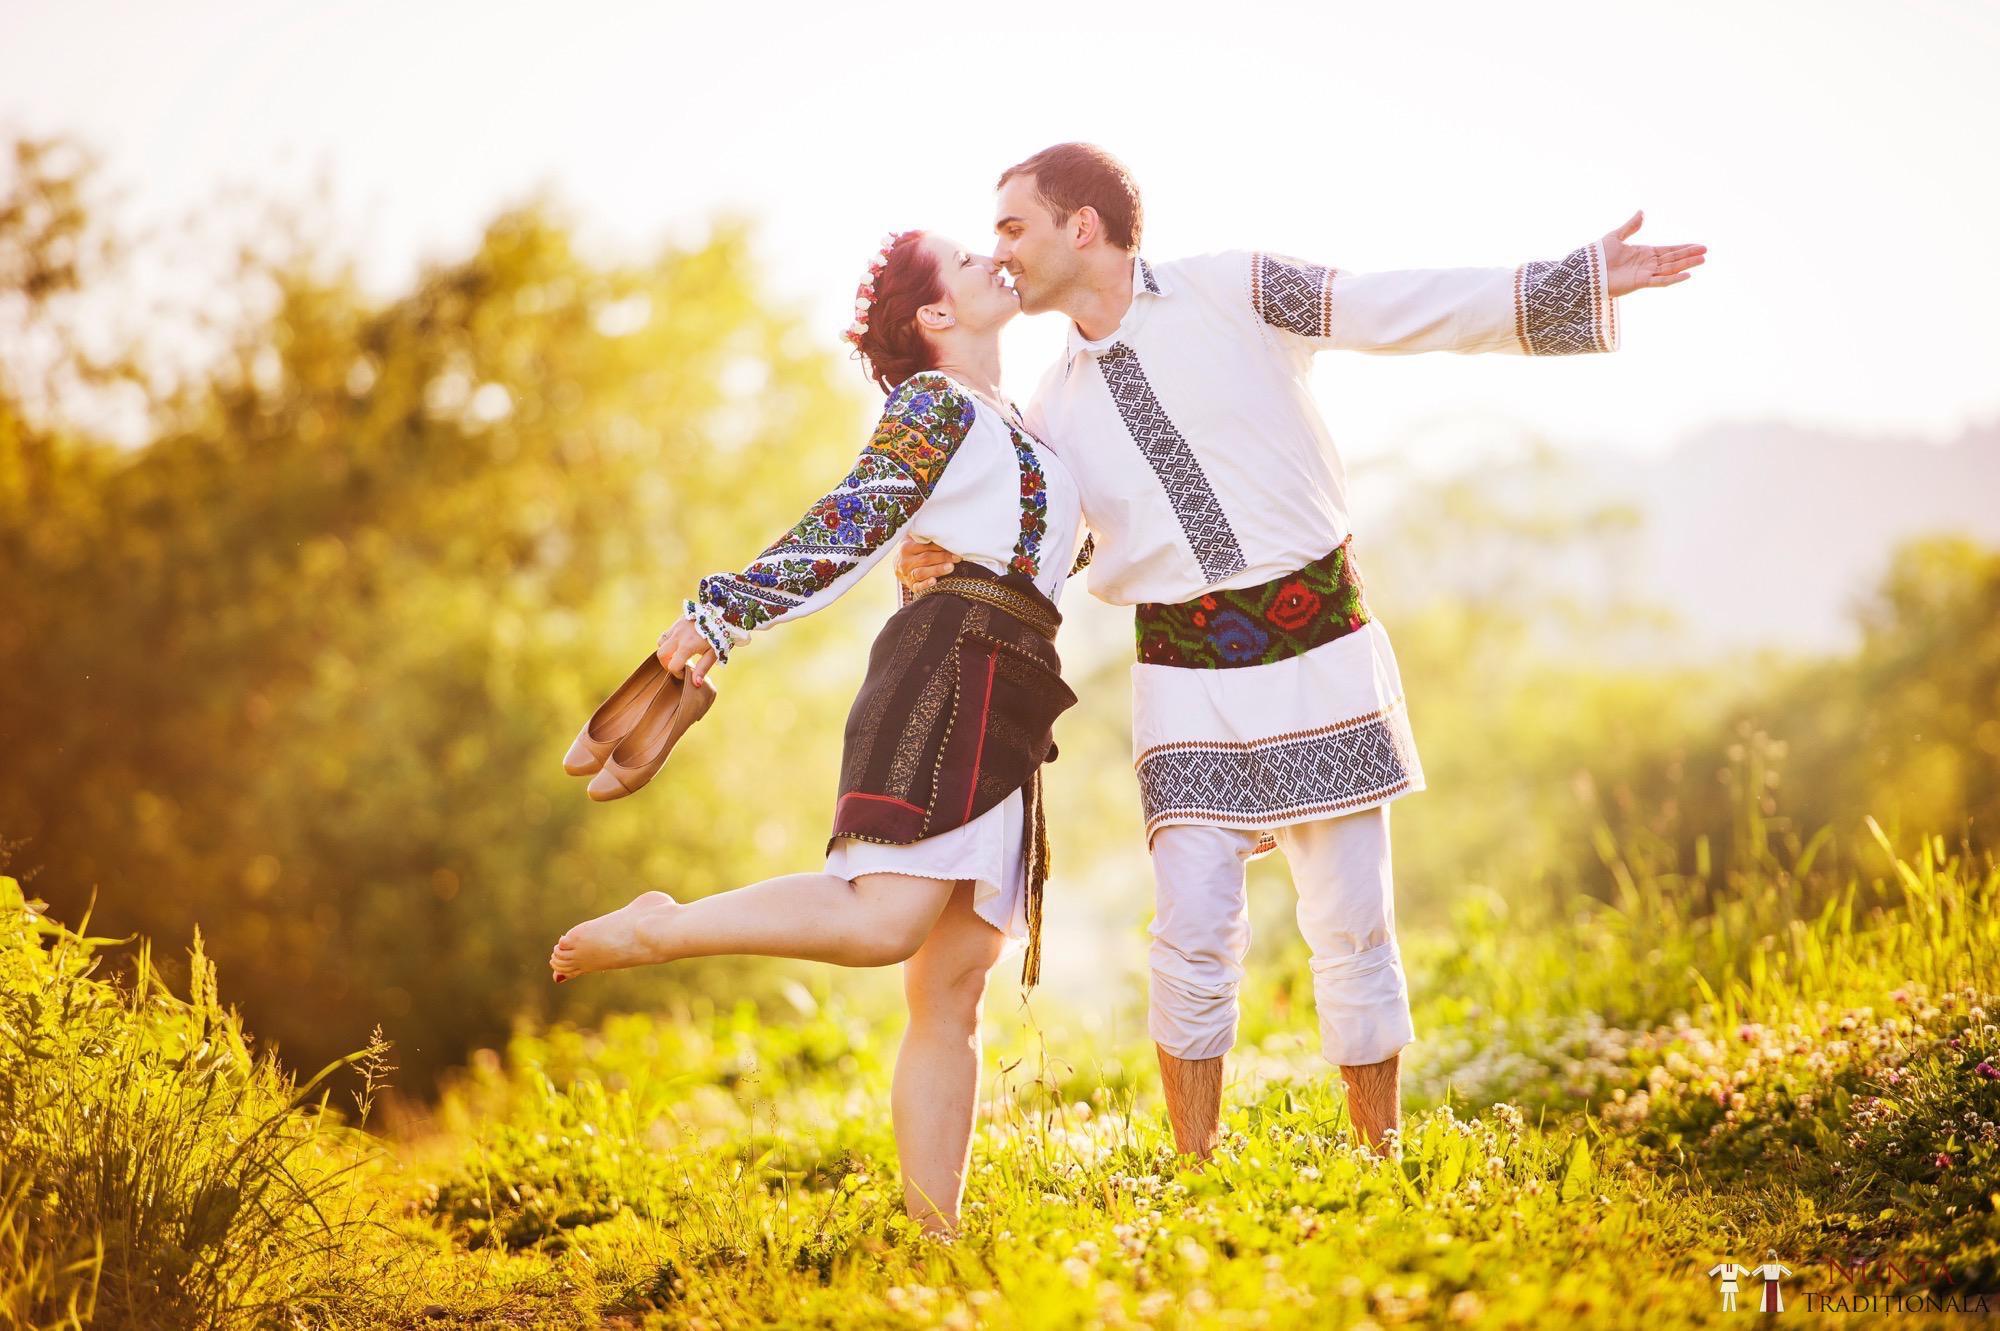 Povești Nunți Tradiționale - Gabriela și Mădălin - Nuntă Tradițională în Suceava, Bucovina 6